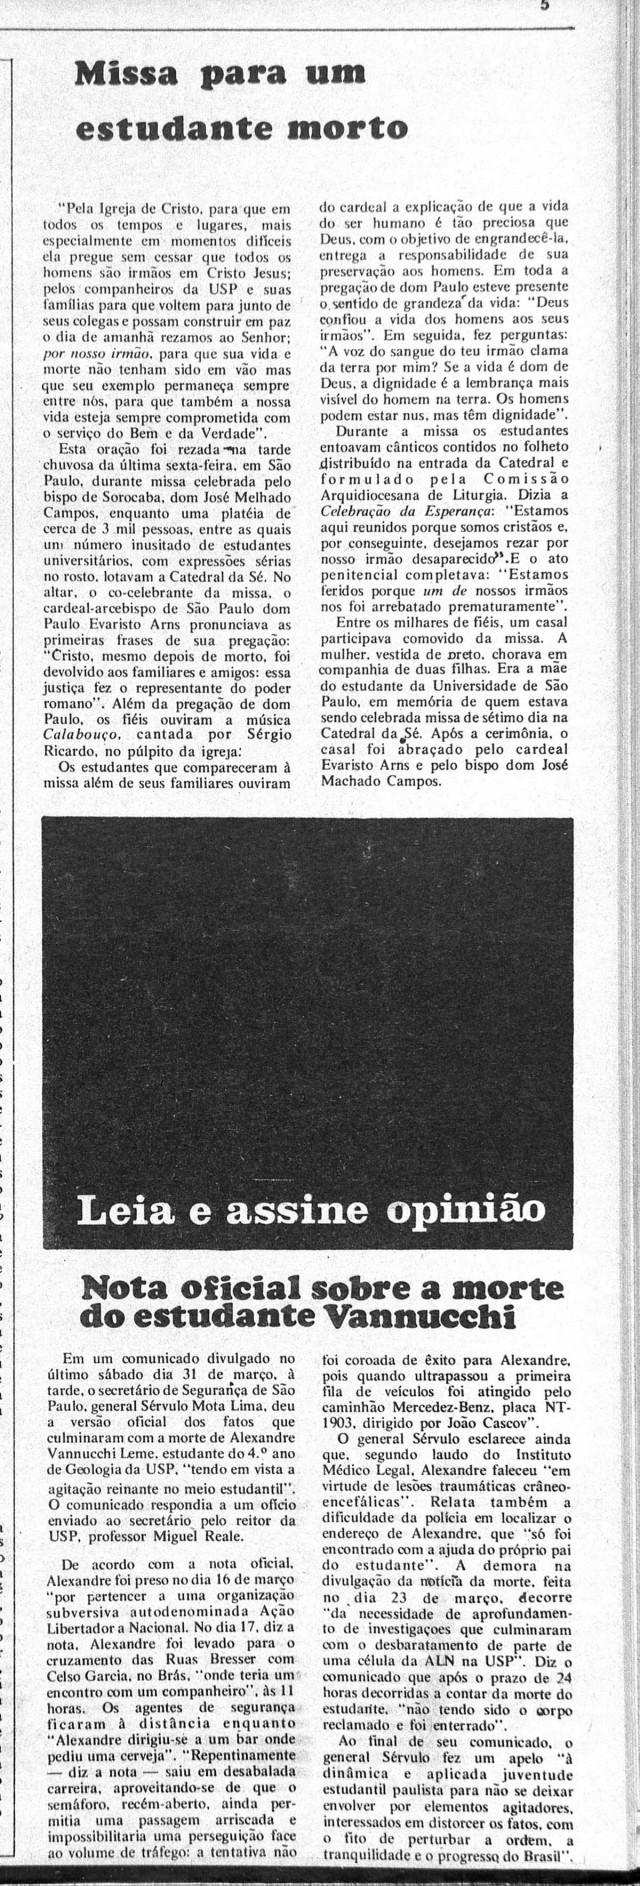 """A tarja preta sinaliza matéria censurada sobre a morte de Alexandre Vannucchi, no jornal """"Opinião"""" nº 22, de 2 de abril de 1973"""